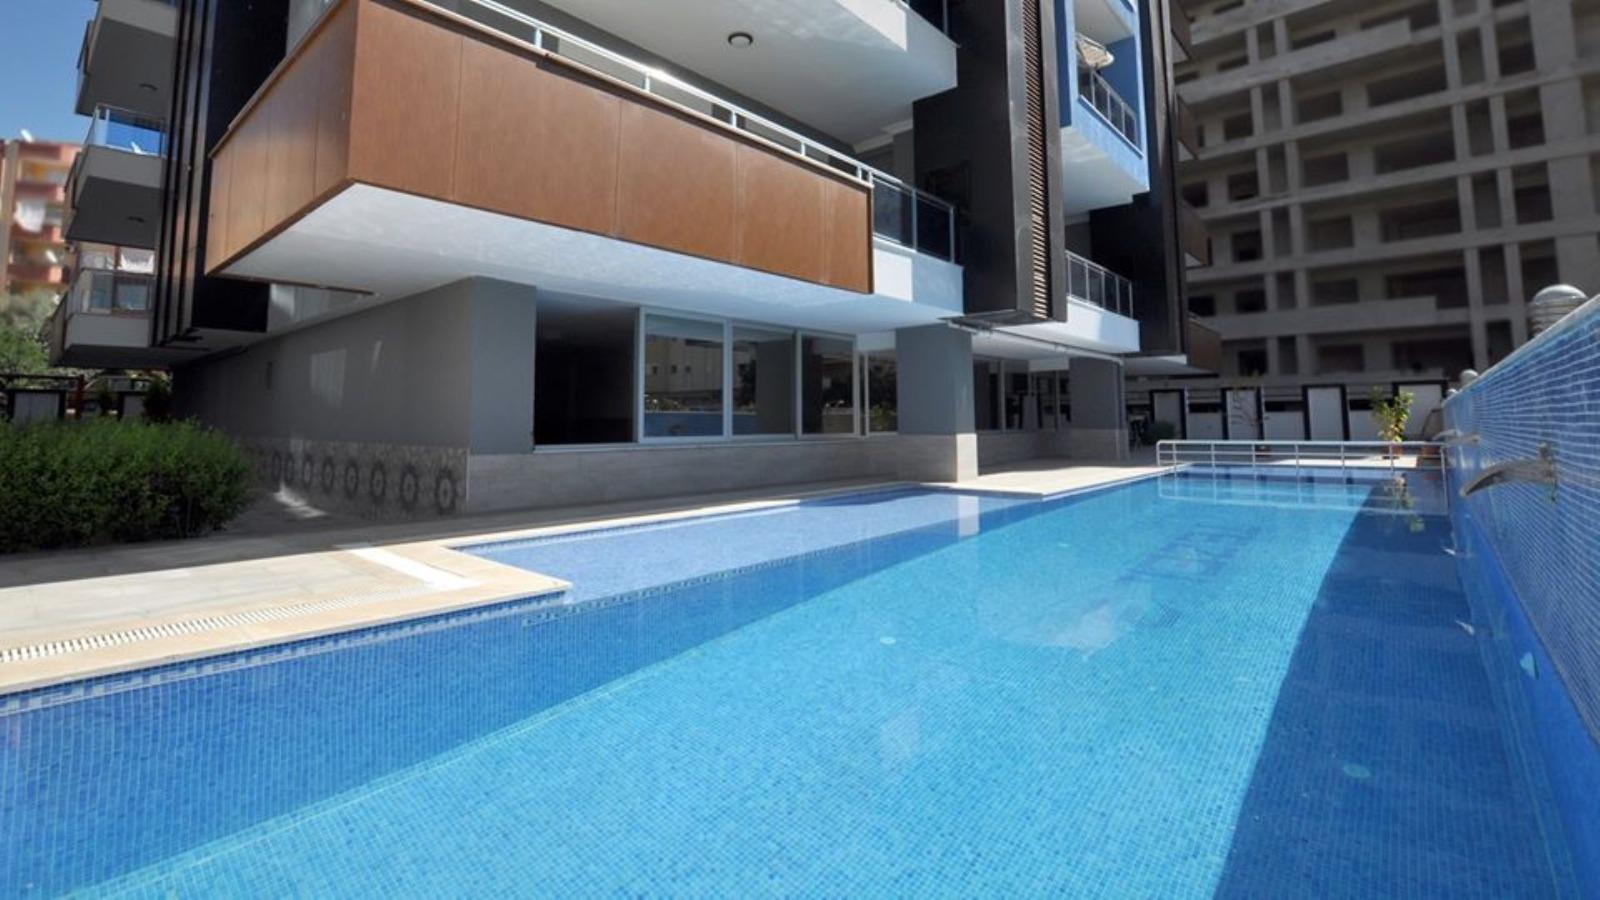 Меблированные апартаменты 1+1 в  Махмутлара - Фото 18